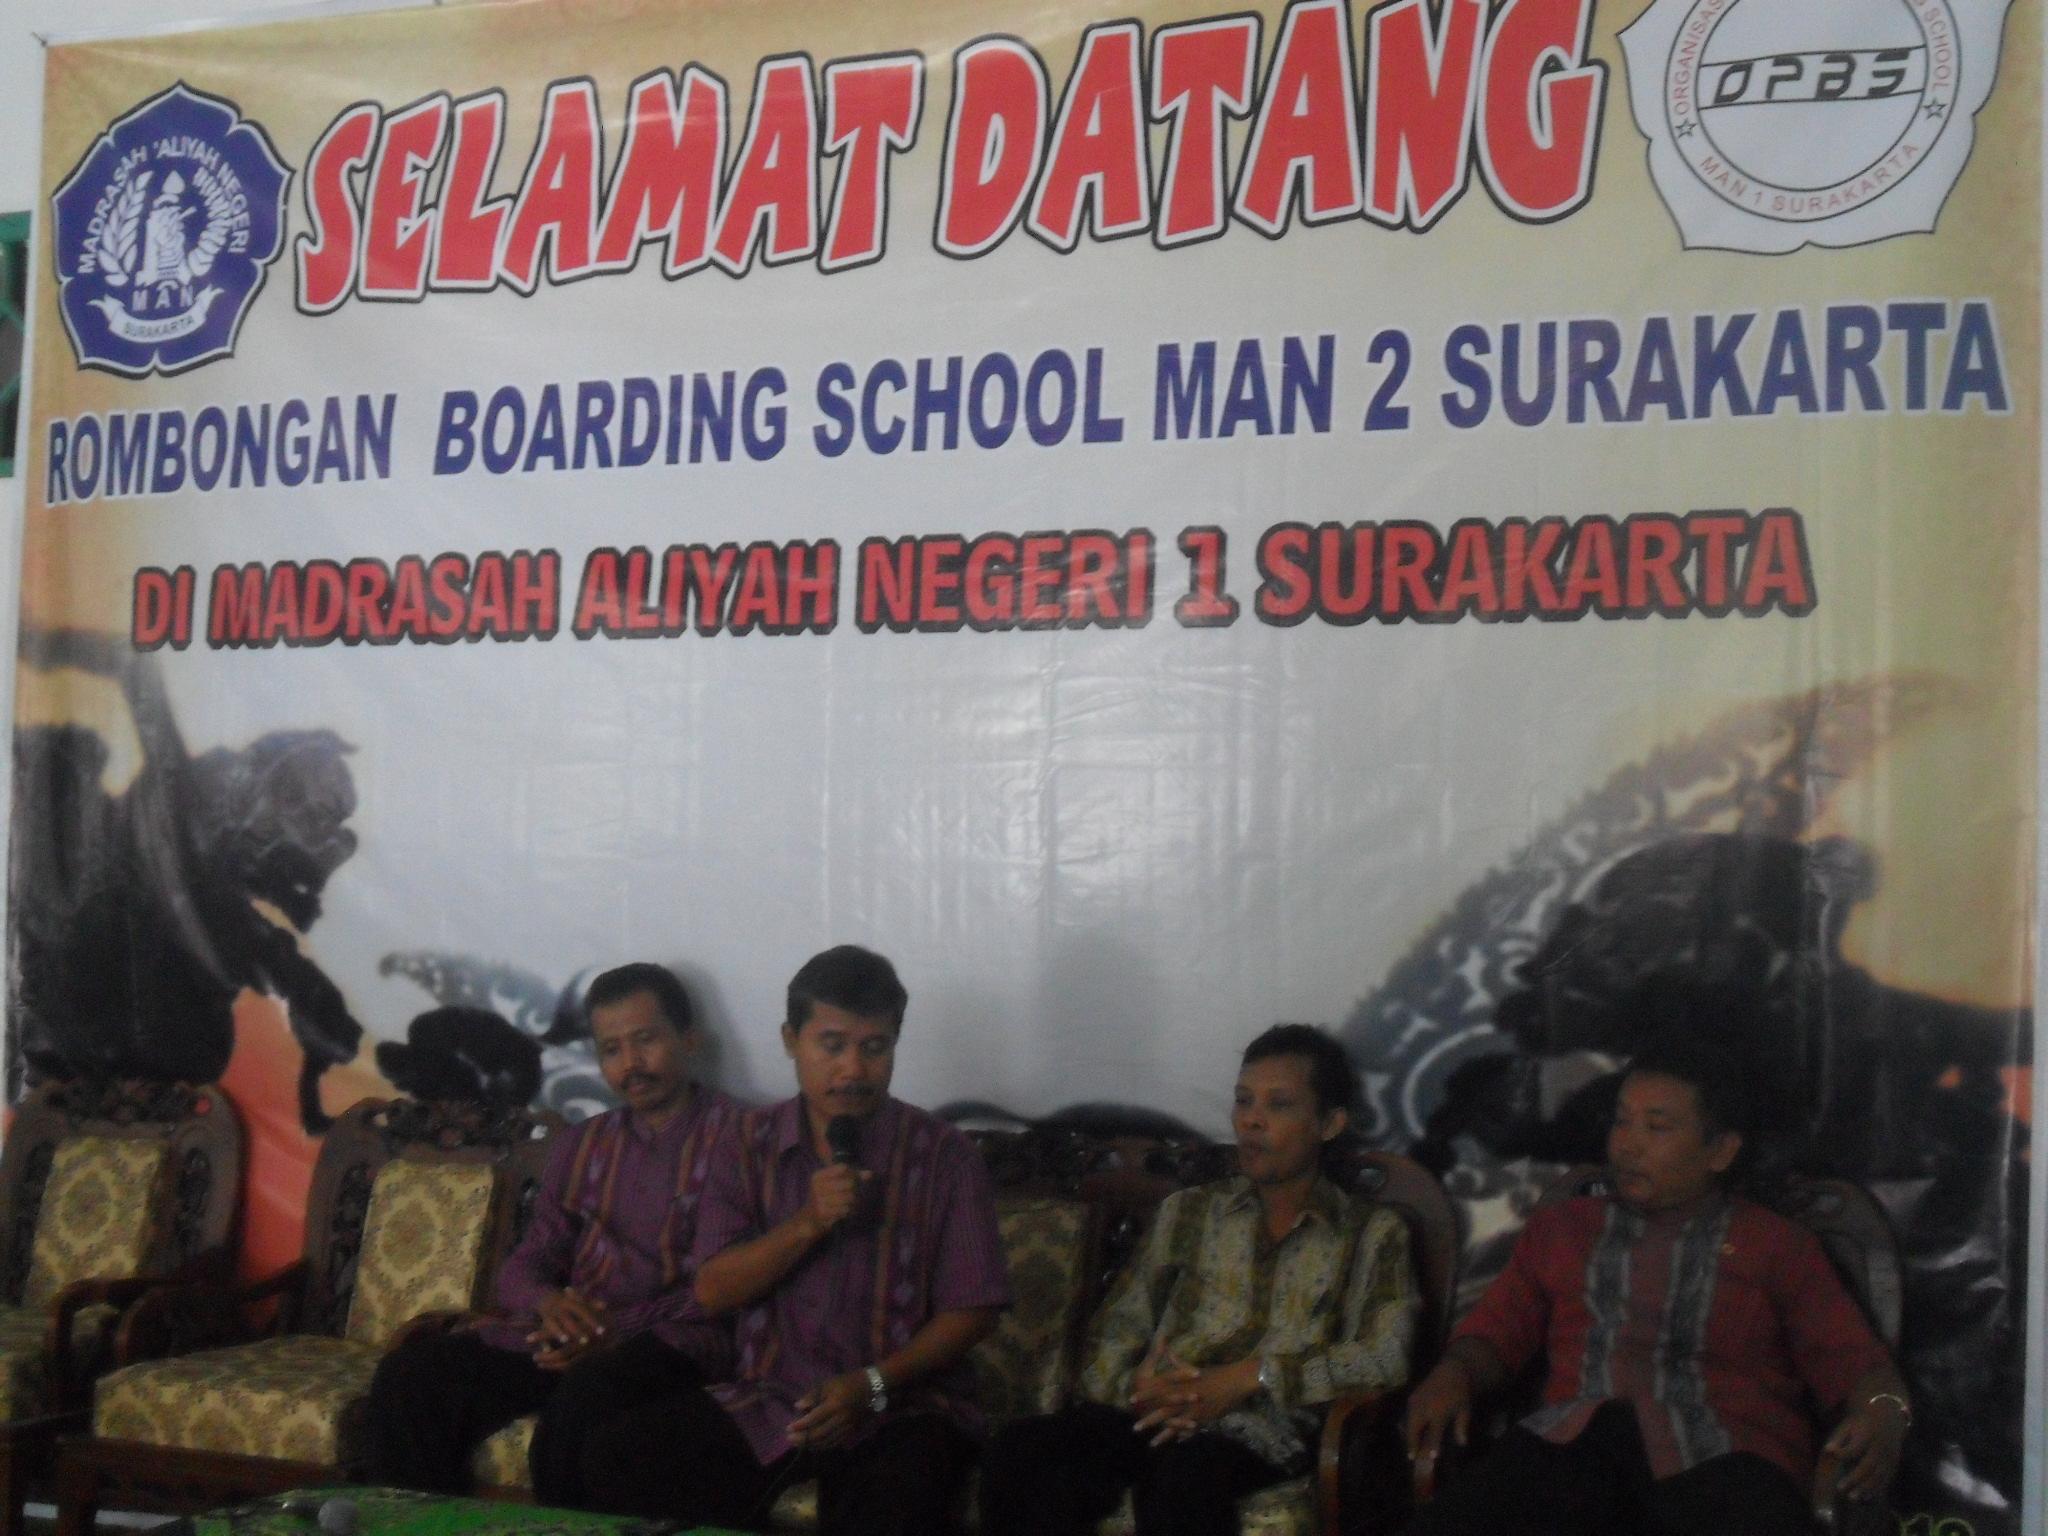 Jumat 13 Desember 2012 MAN 1 Surakarta Kedatangan Tamu Dari 2 Program Boarding School Sekitar Pukul 1330 WIB Rombongan Tiba Di